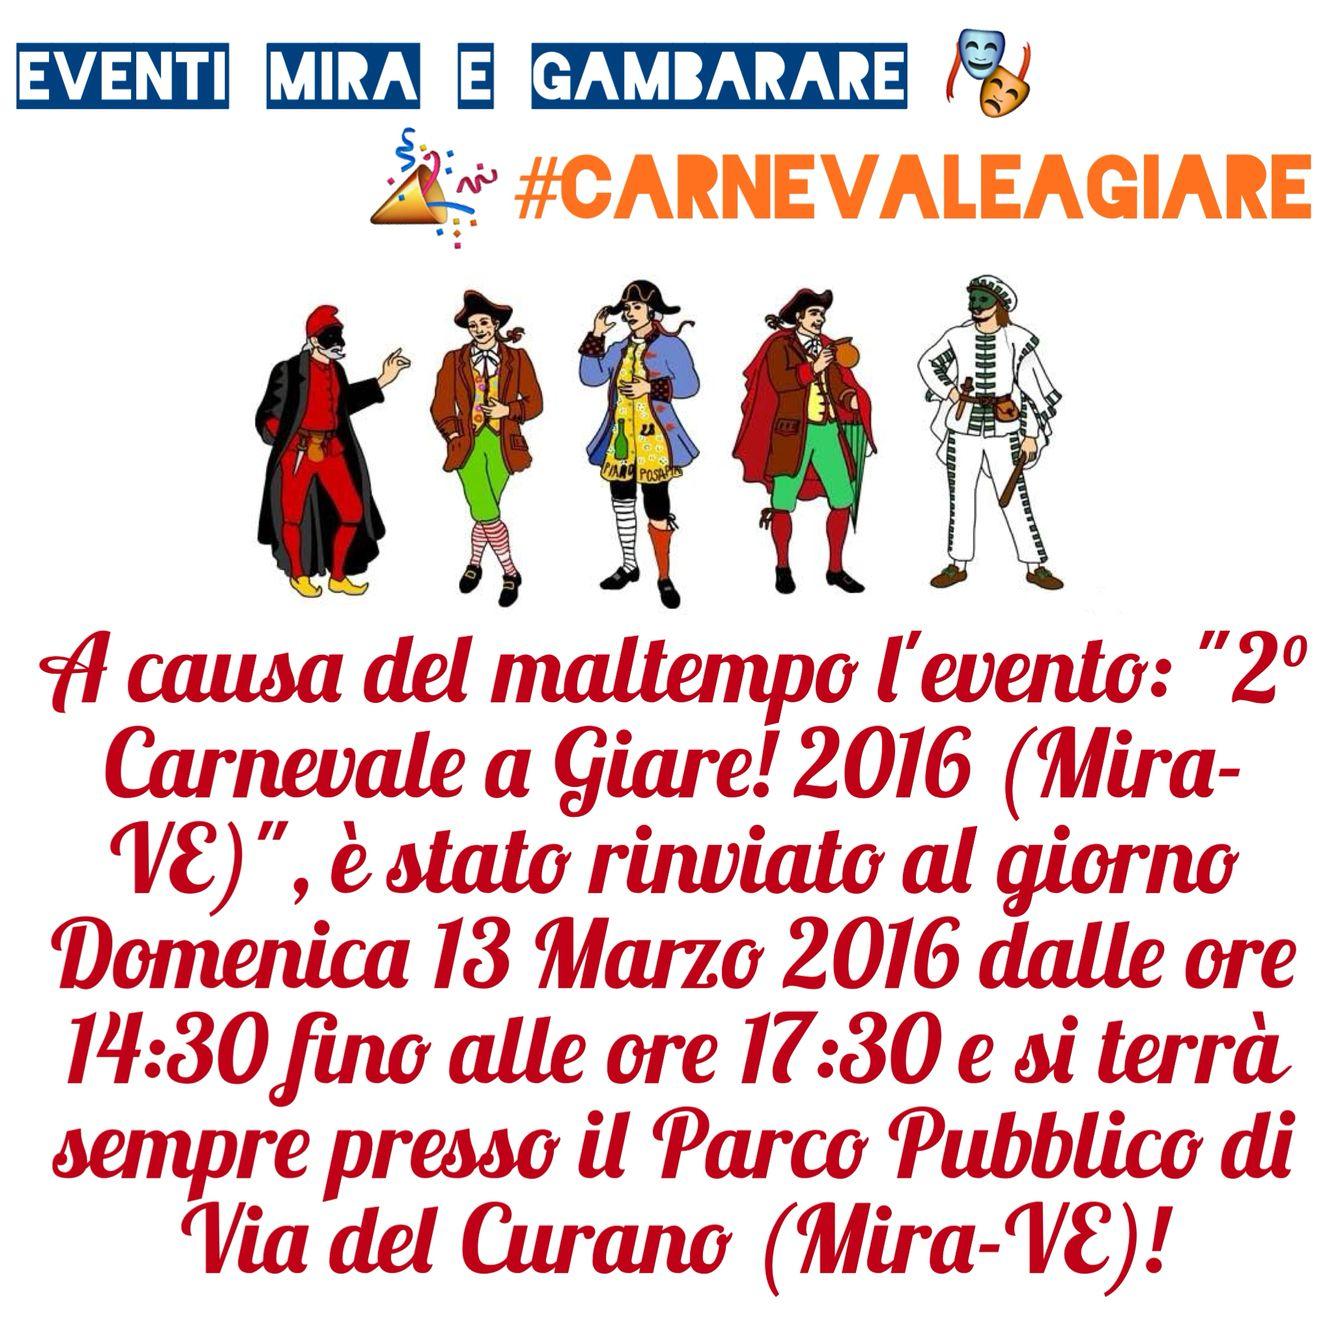 """""""A causa del maltempo l'evento: """"2° Carnevale a Giare! 2016 (Mira-VE)"""", è stato rinviato al giorno Domenica 13 Marzo 2016 dalle ore 14:30 fino alle ore 17:30 e si terrà sempre presso il Parco Pubblico di Via del Curano (Mira-VE)!""""  ~ Eventi Mira e Gambarare, le Associazioni e i Partner.  Hashtag Ufficiali:  #CarnevaleaGiare e #EventiMiraeGambarare  Altre informazioni su: http://eventimiraegambarare.altervista.org/2o-carnevale-a-giare-2016-mira-ve/"""